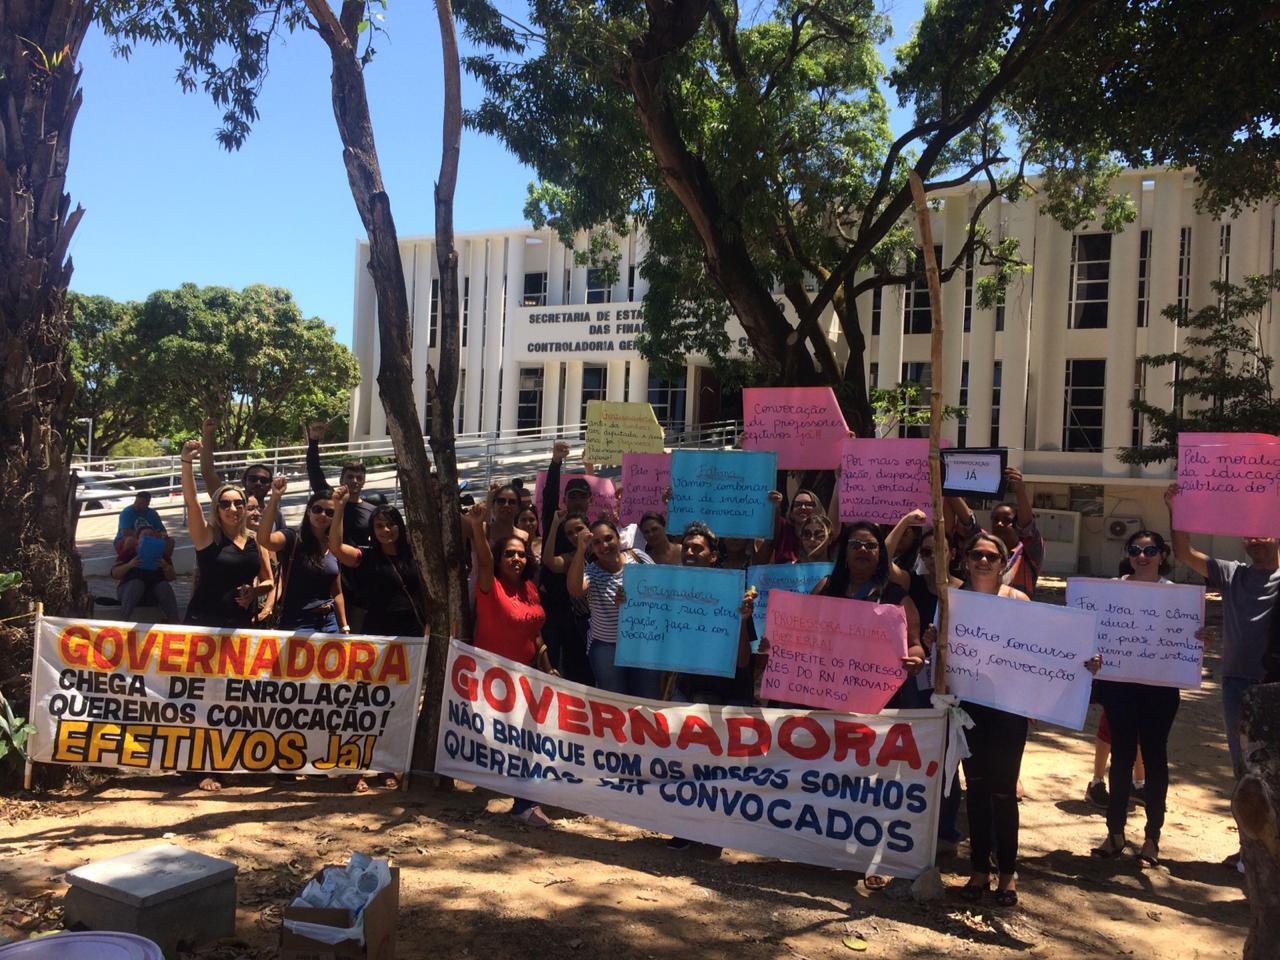 Professores foram à Governadoria para protestar